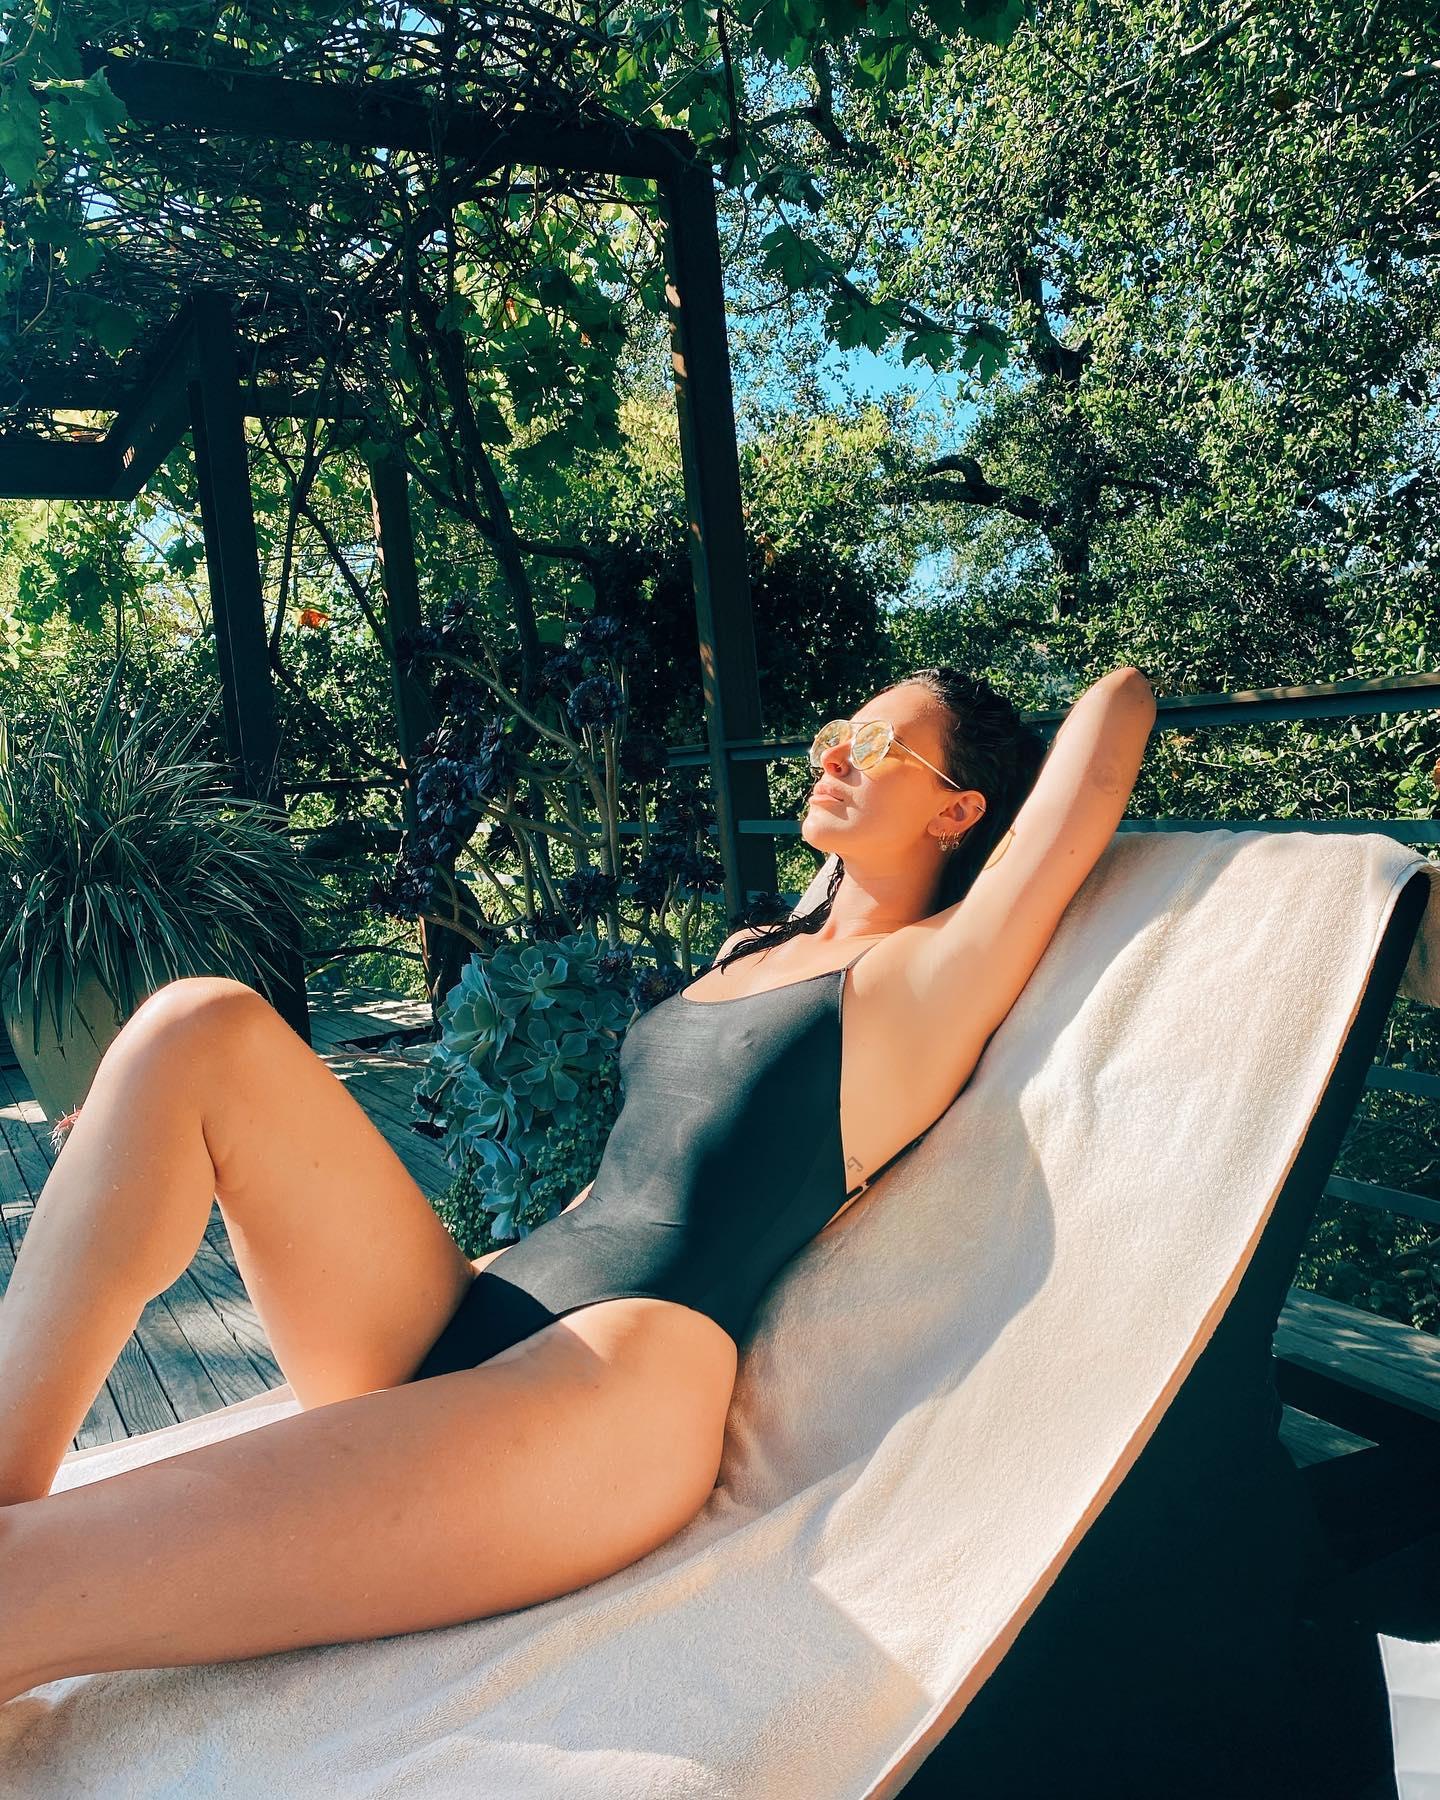 Rumer Willis Lounge Wet Bikini